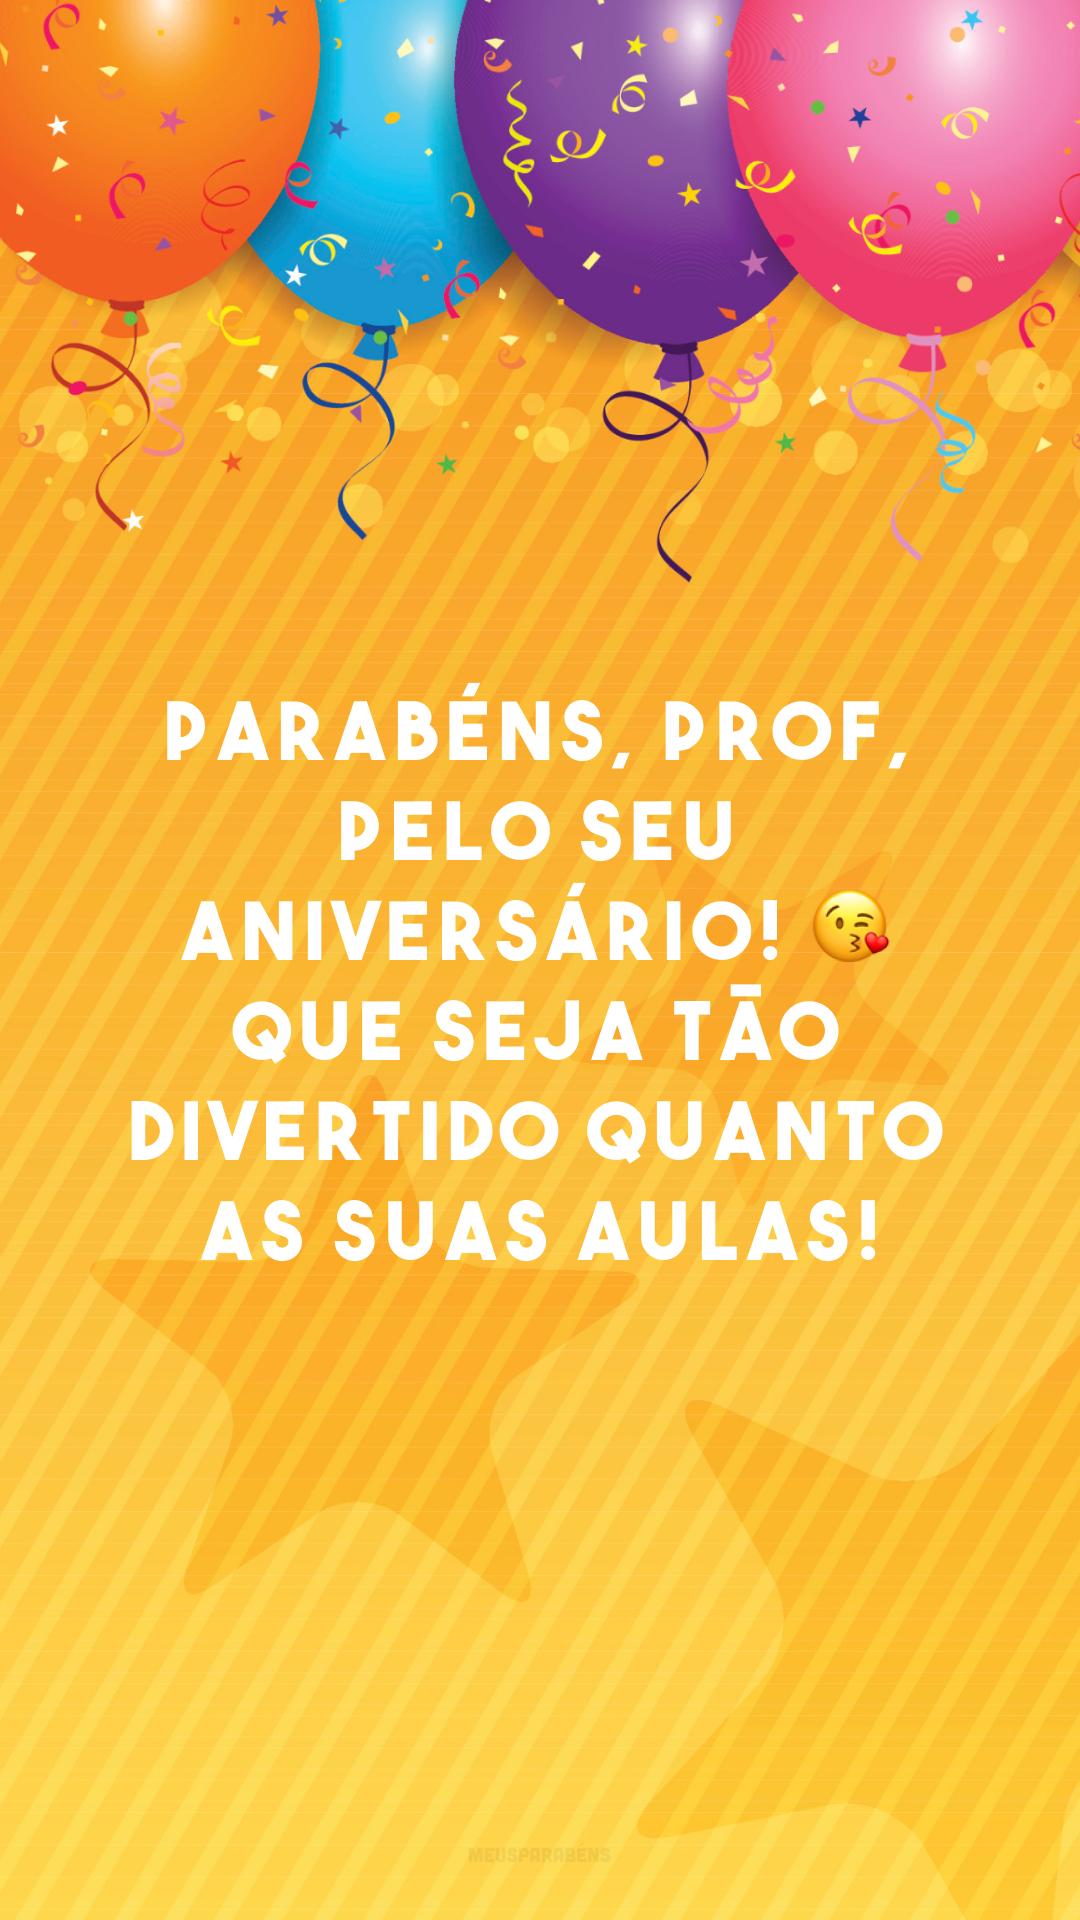 Parabéns, prof, pelo seu aniversário! 😘 Que seja tão divertido quanto as suas aulas!